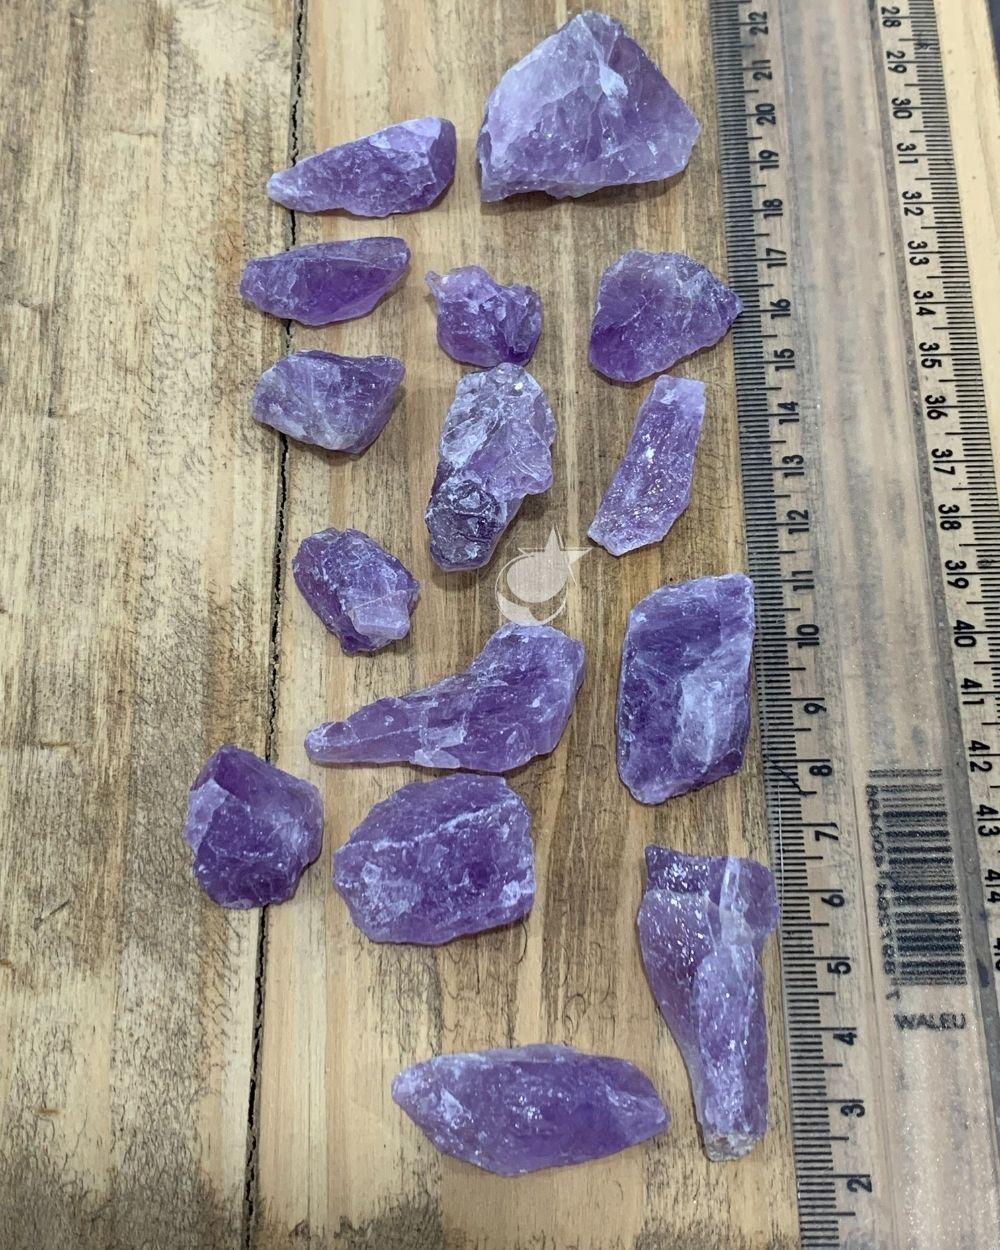 AMETISTA BRUTA - PACOTE COM 50g (4 a 5 pedras)